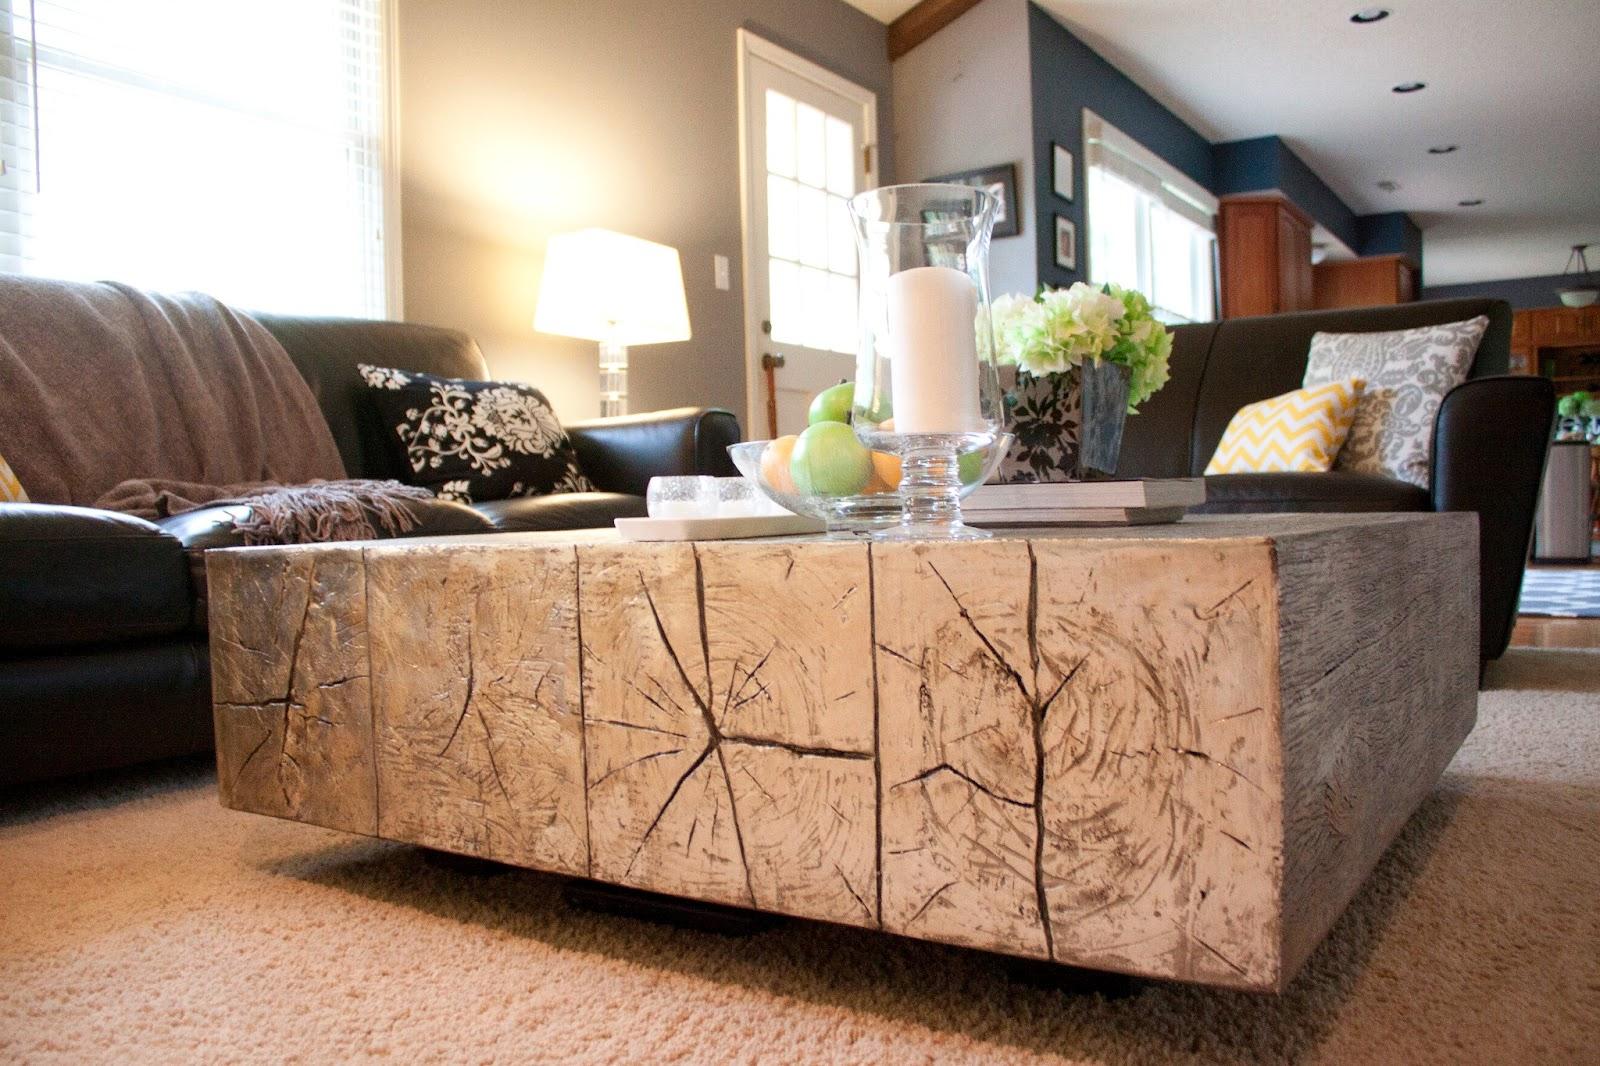 Cozy Contemporary Living Room Done